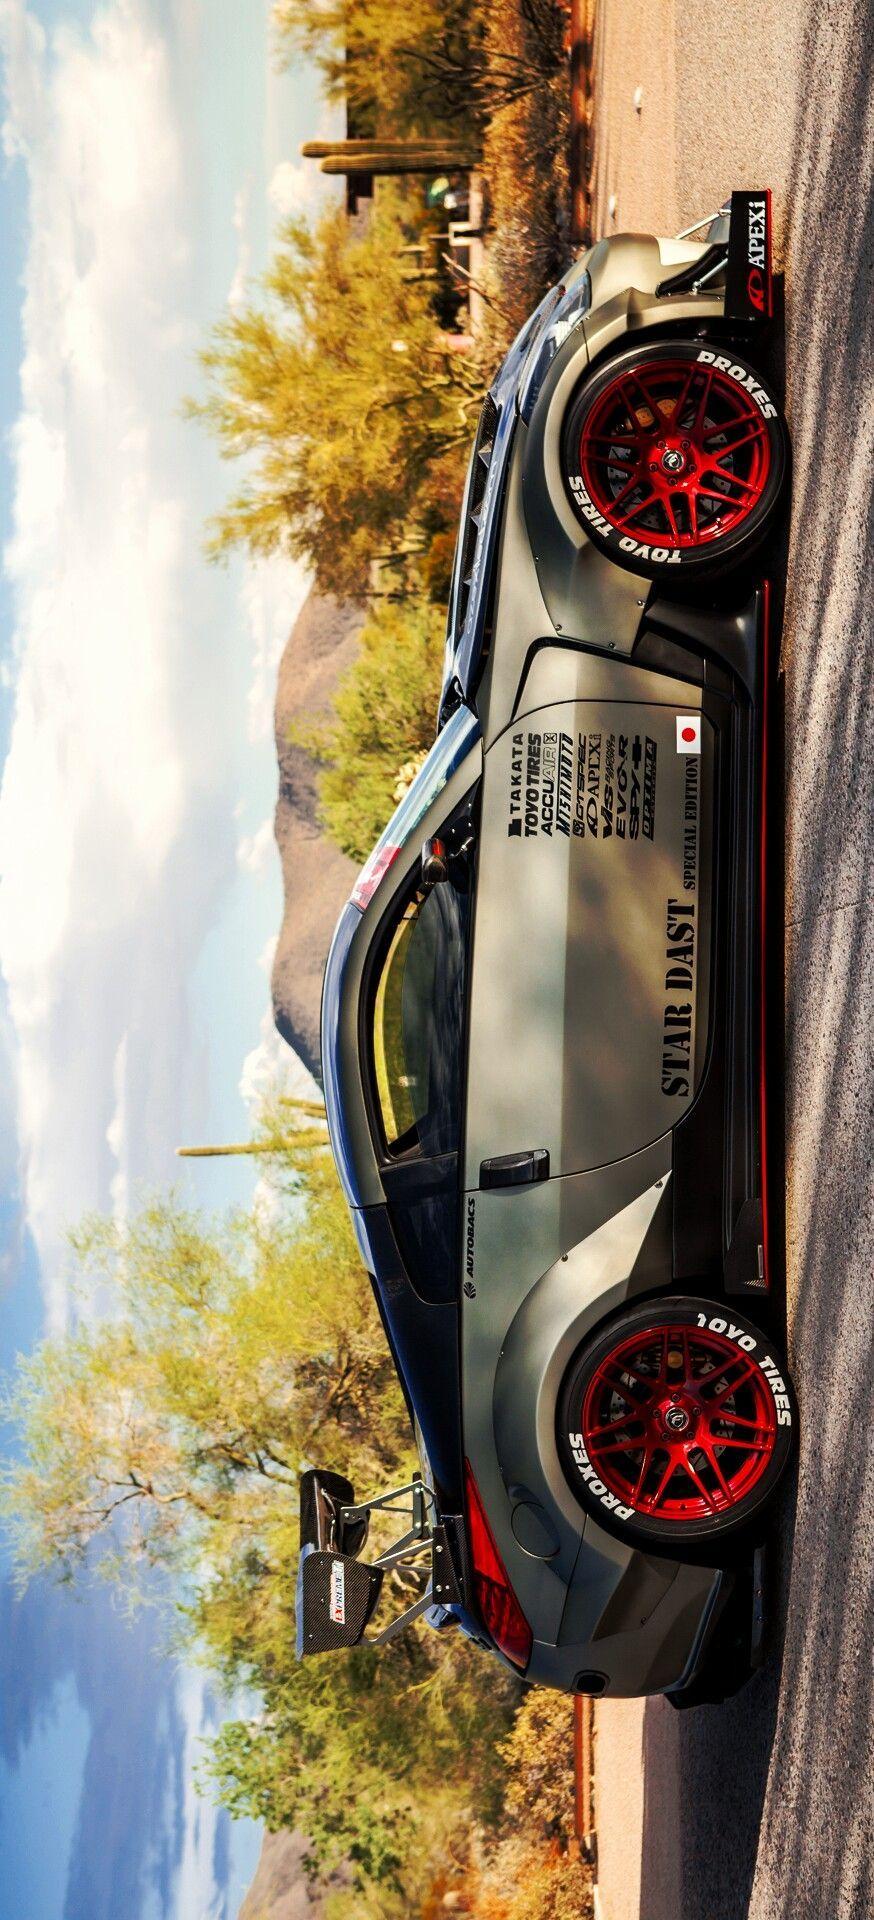 12 Irresistible Car Wheels Diy Ideas Nissan 350z Nissan 370z Nismo Car Wheels